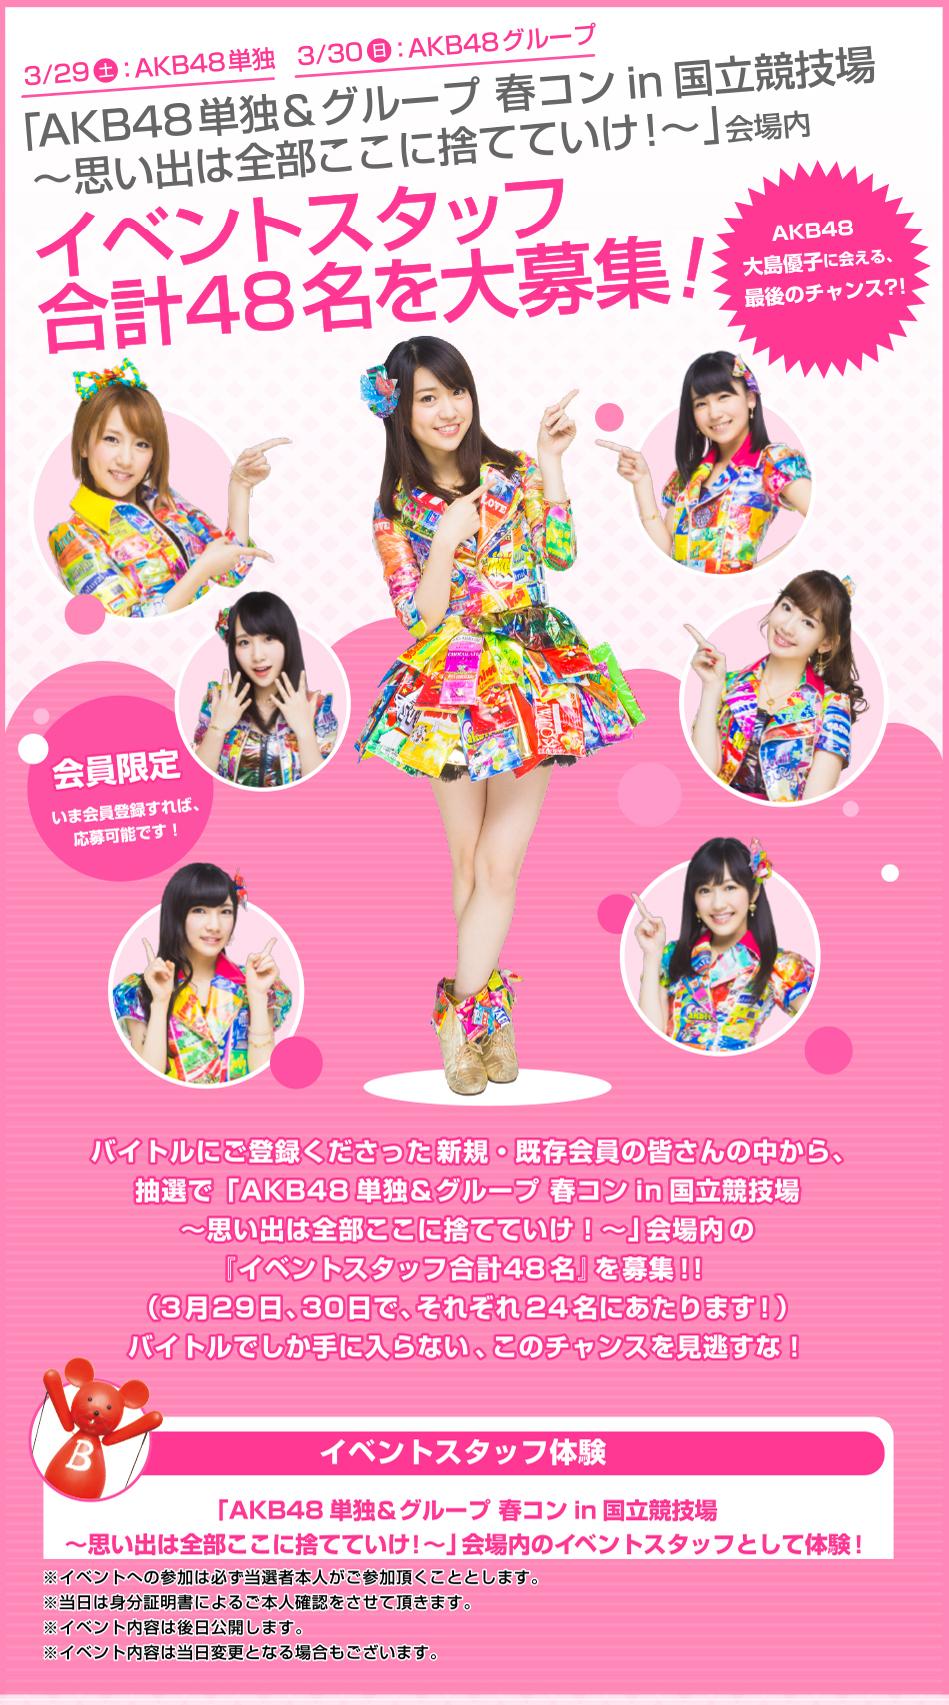 AKB48バイト